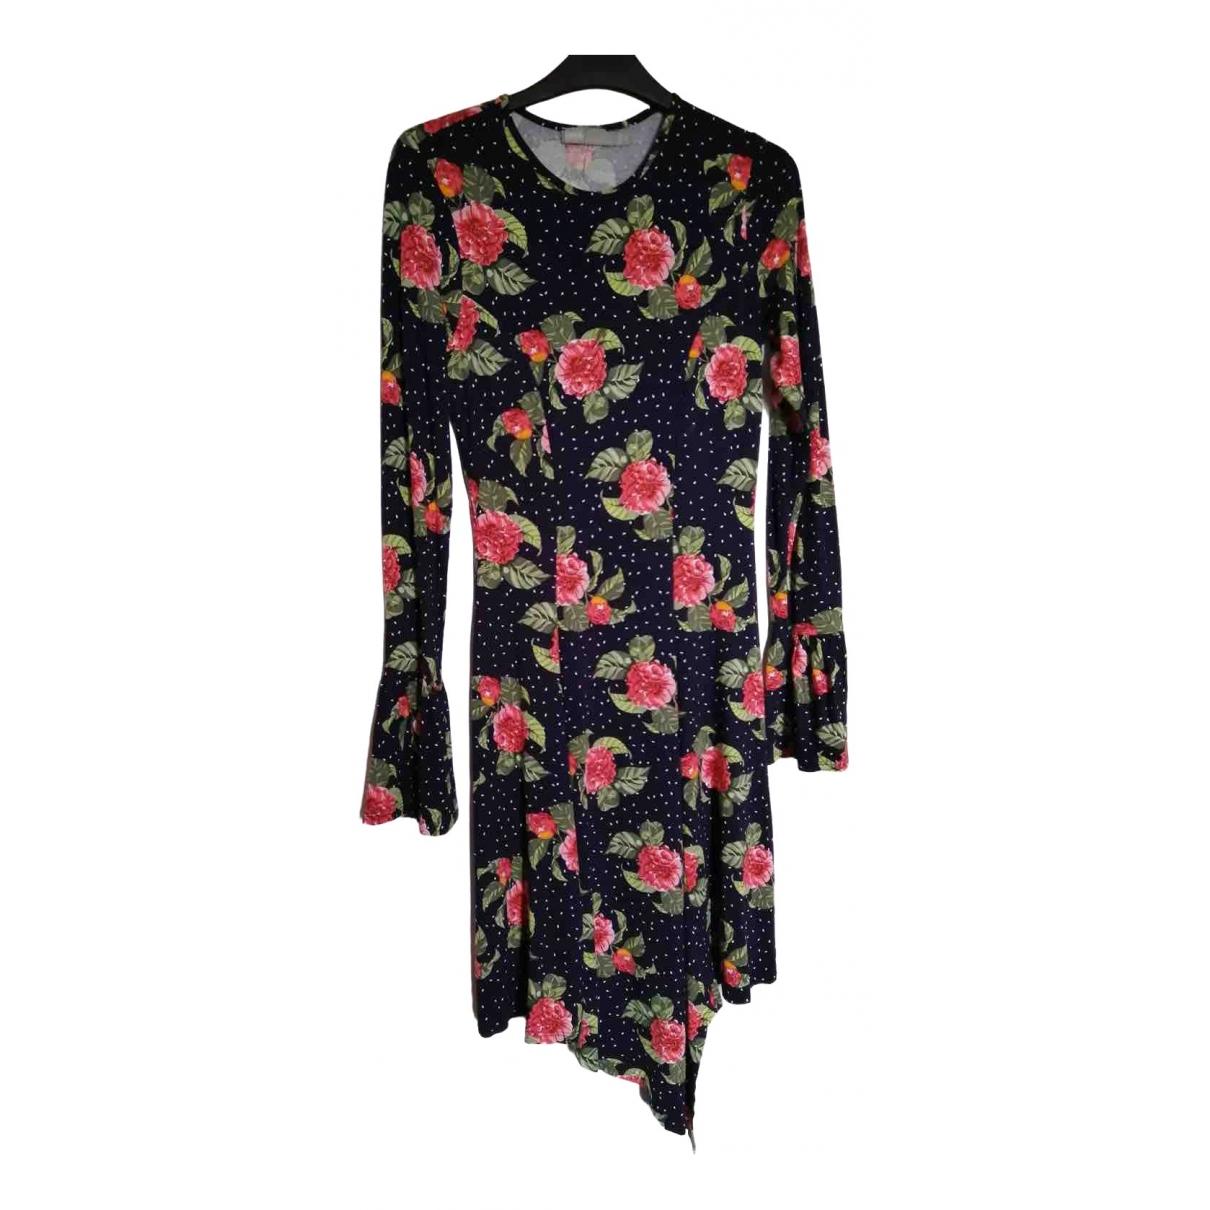 Asos \N Multicolour dress for Women 8 UK